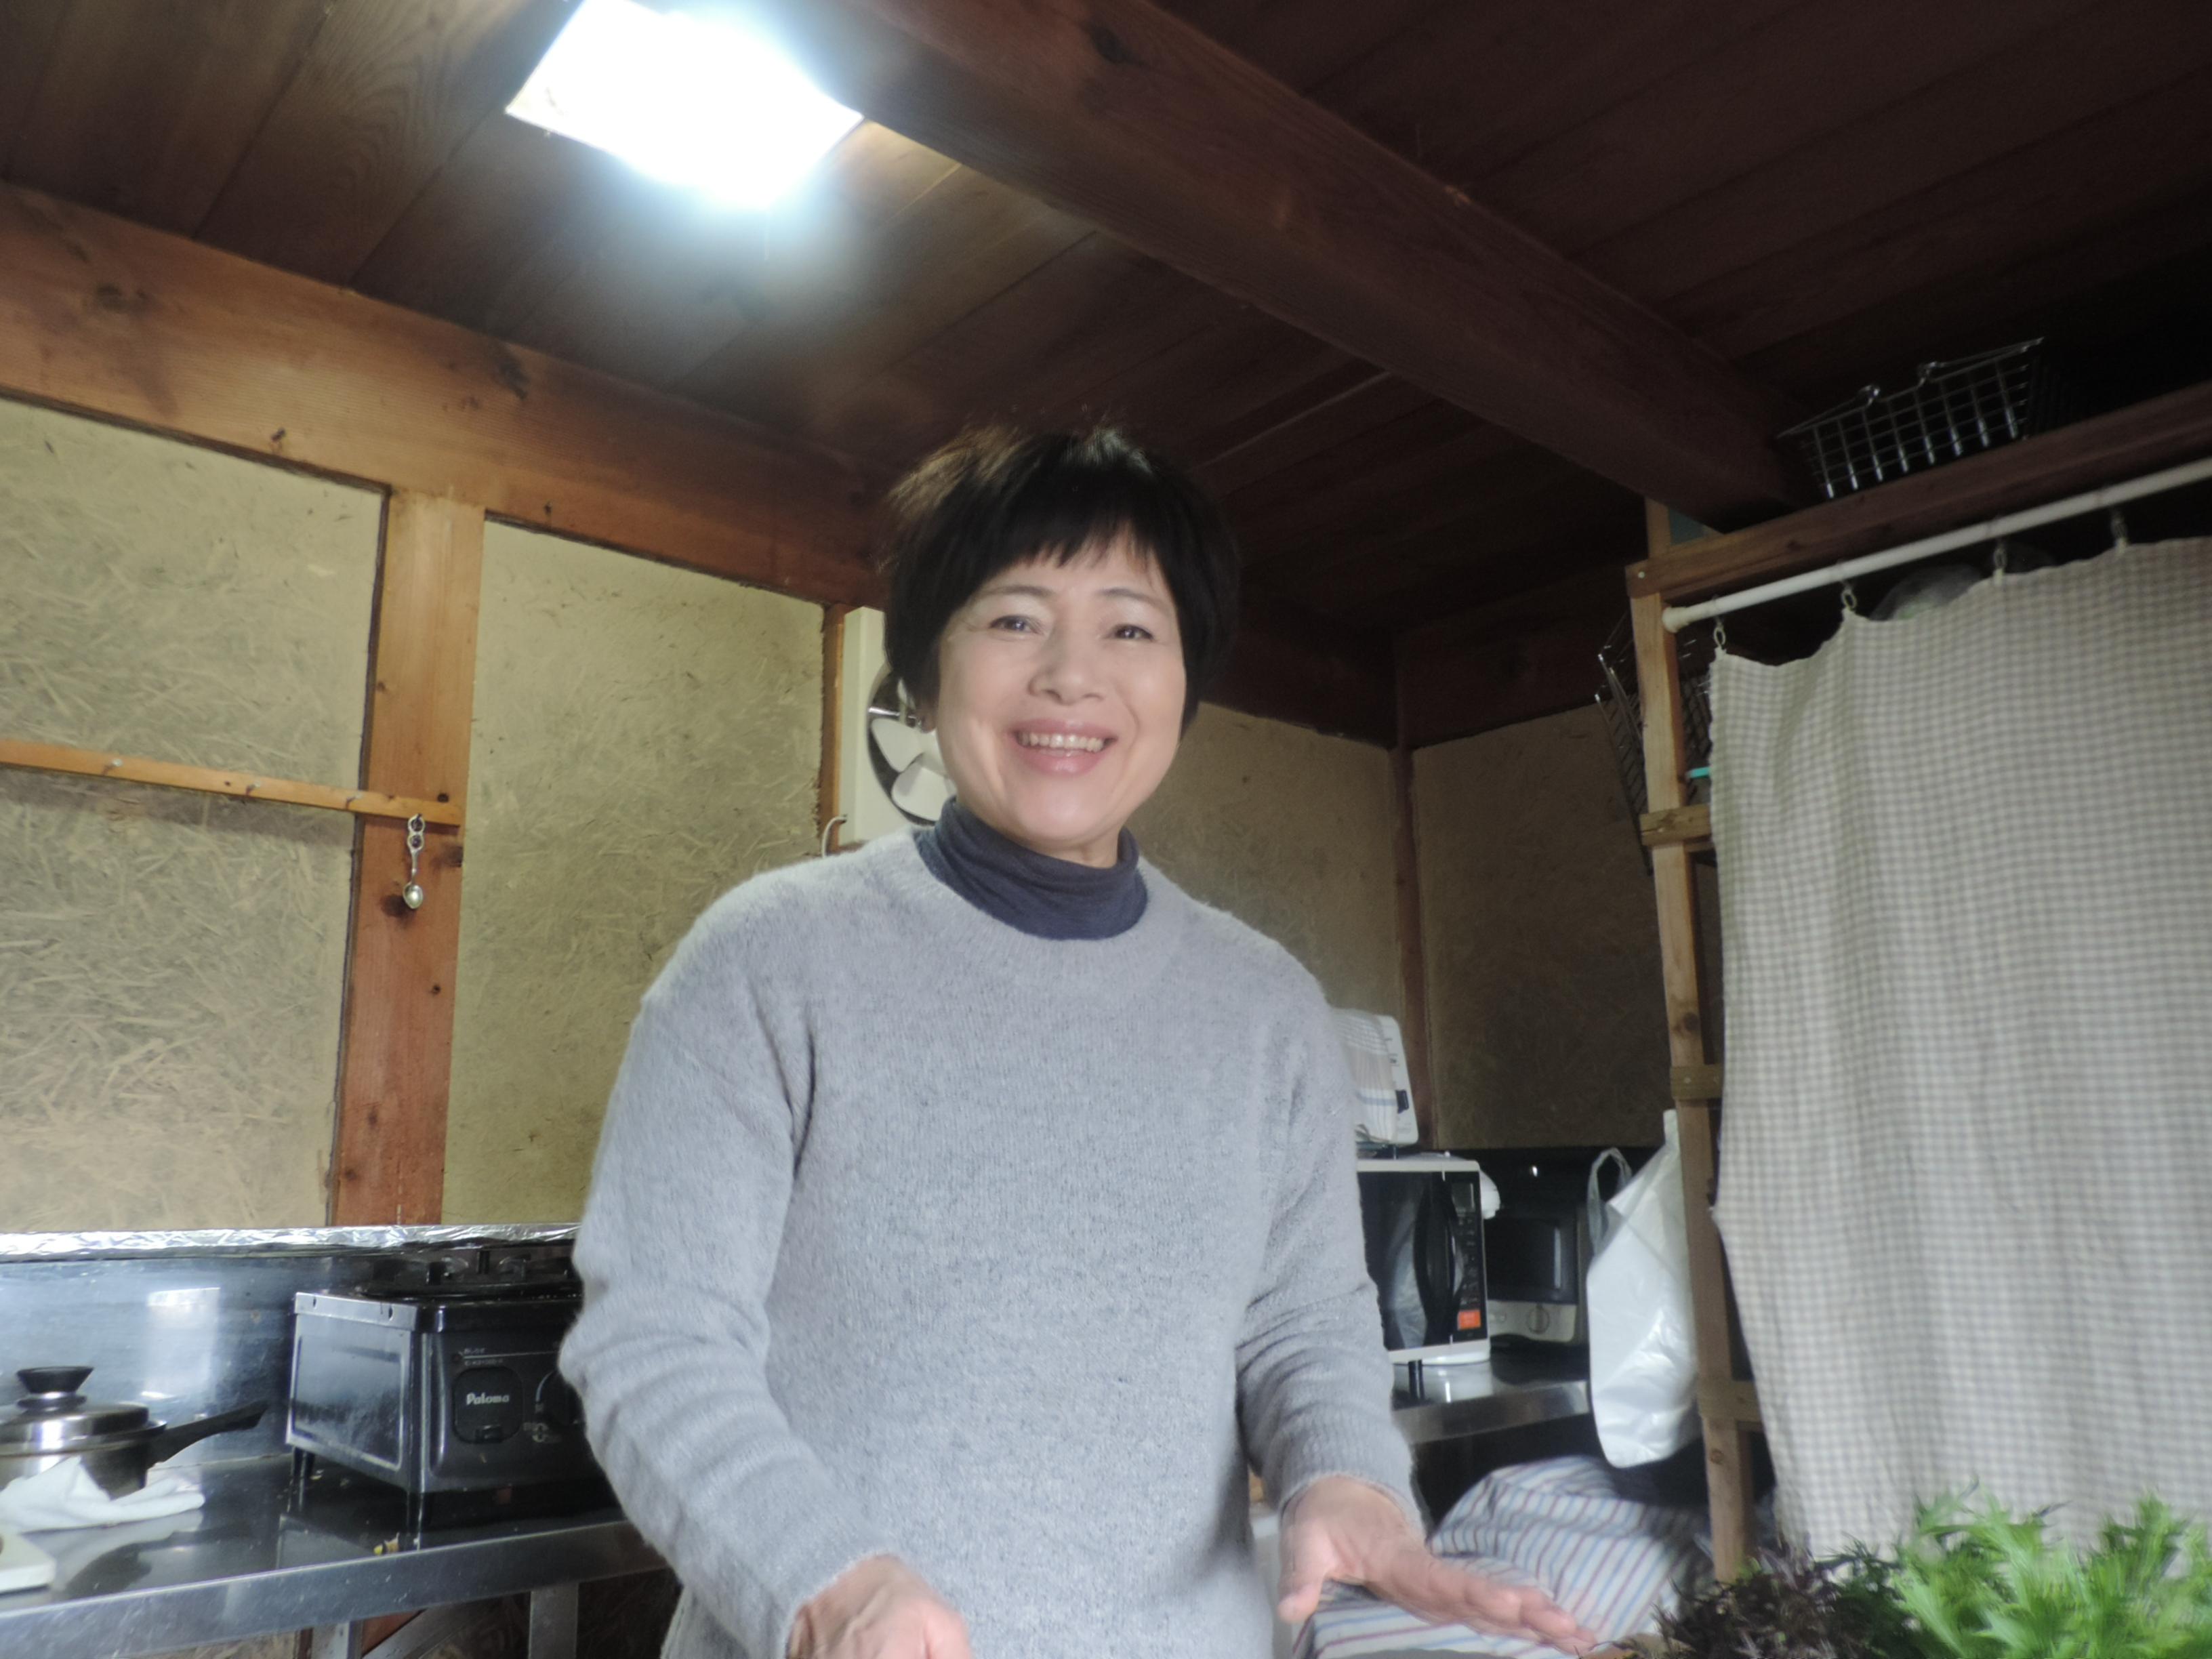 のんののひとりカルチャー教室 大阪・吹田 三重・伊賀 「私のこれまで」シリーズ